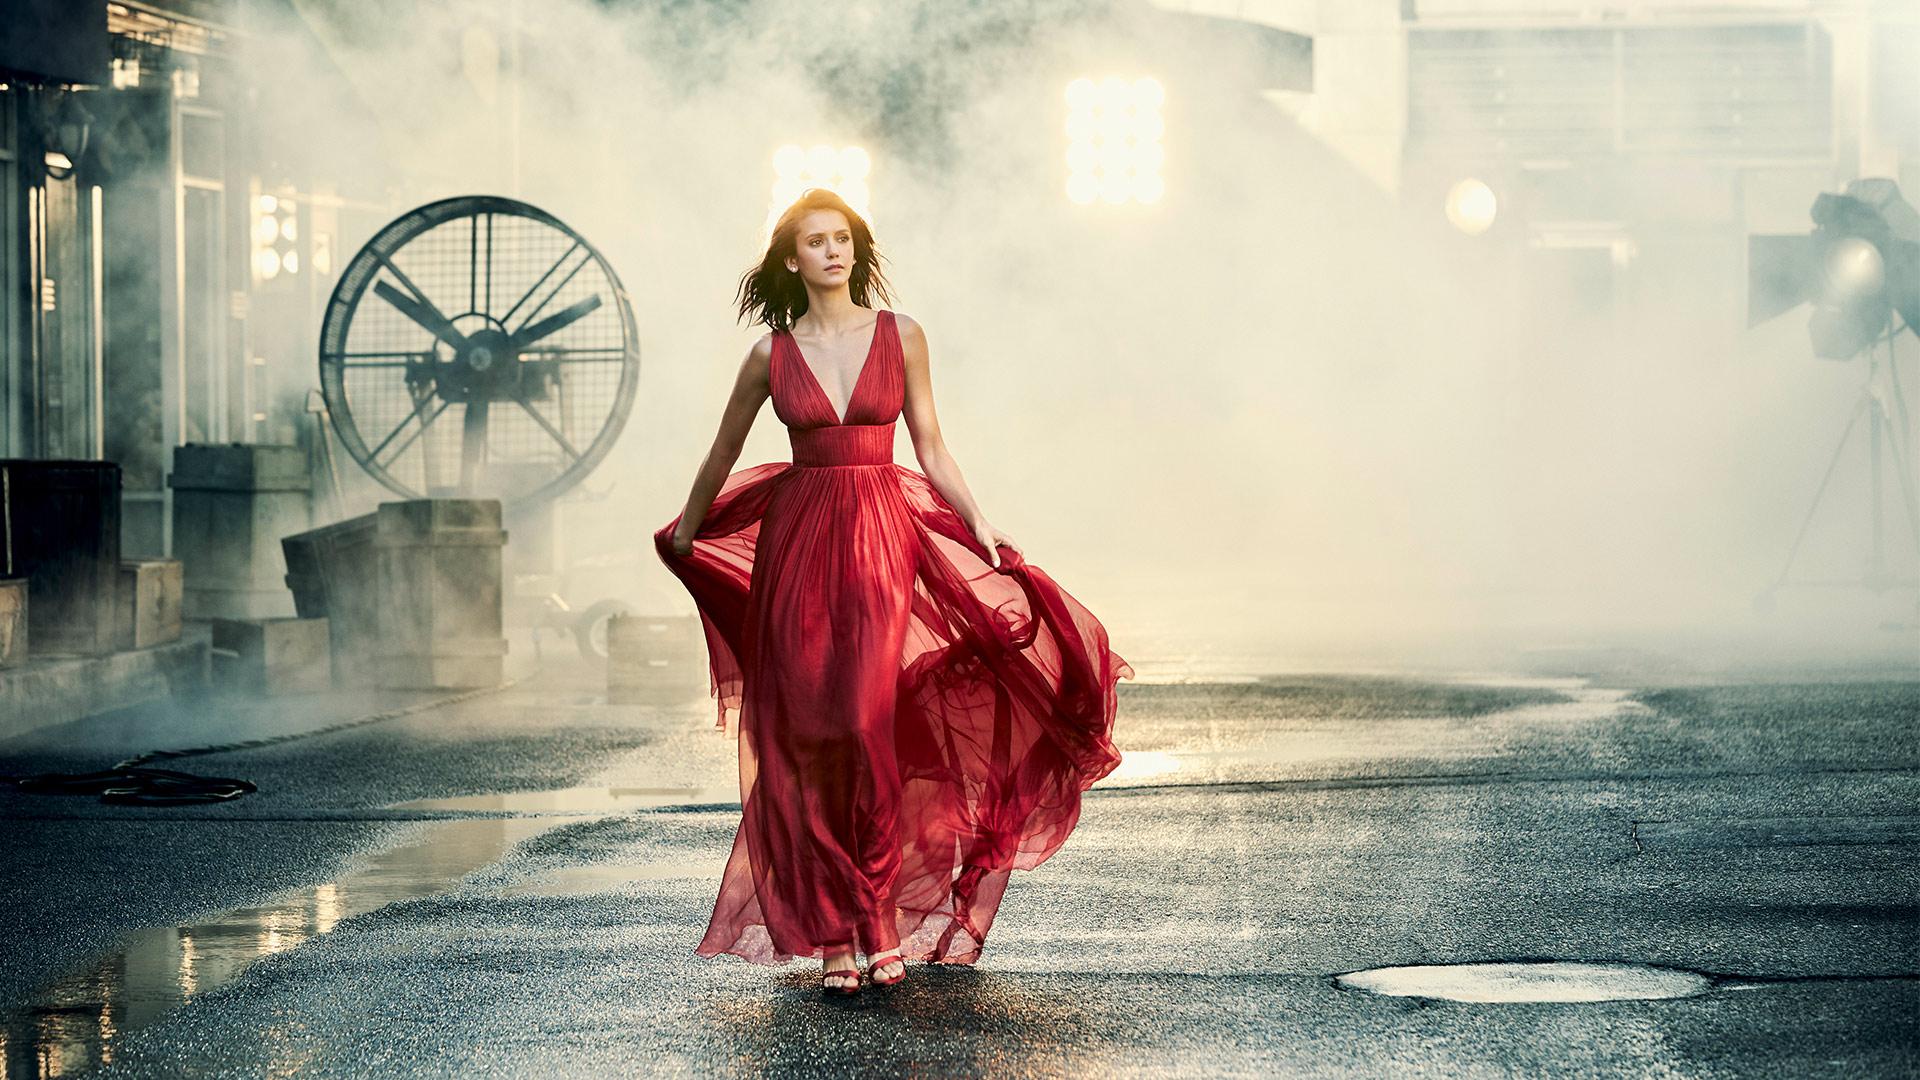 Nina Dobrev dazzles in this designer fashion photo shoot